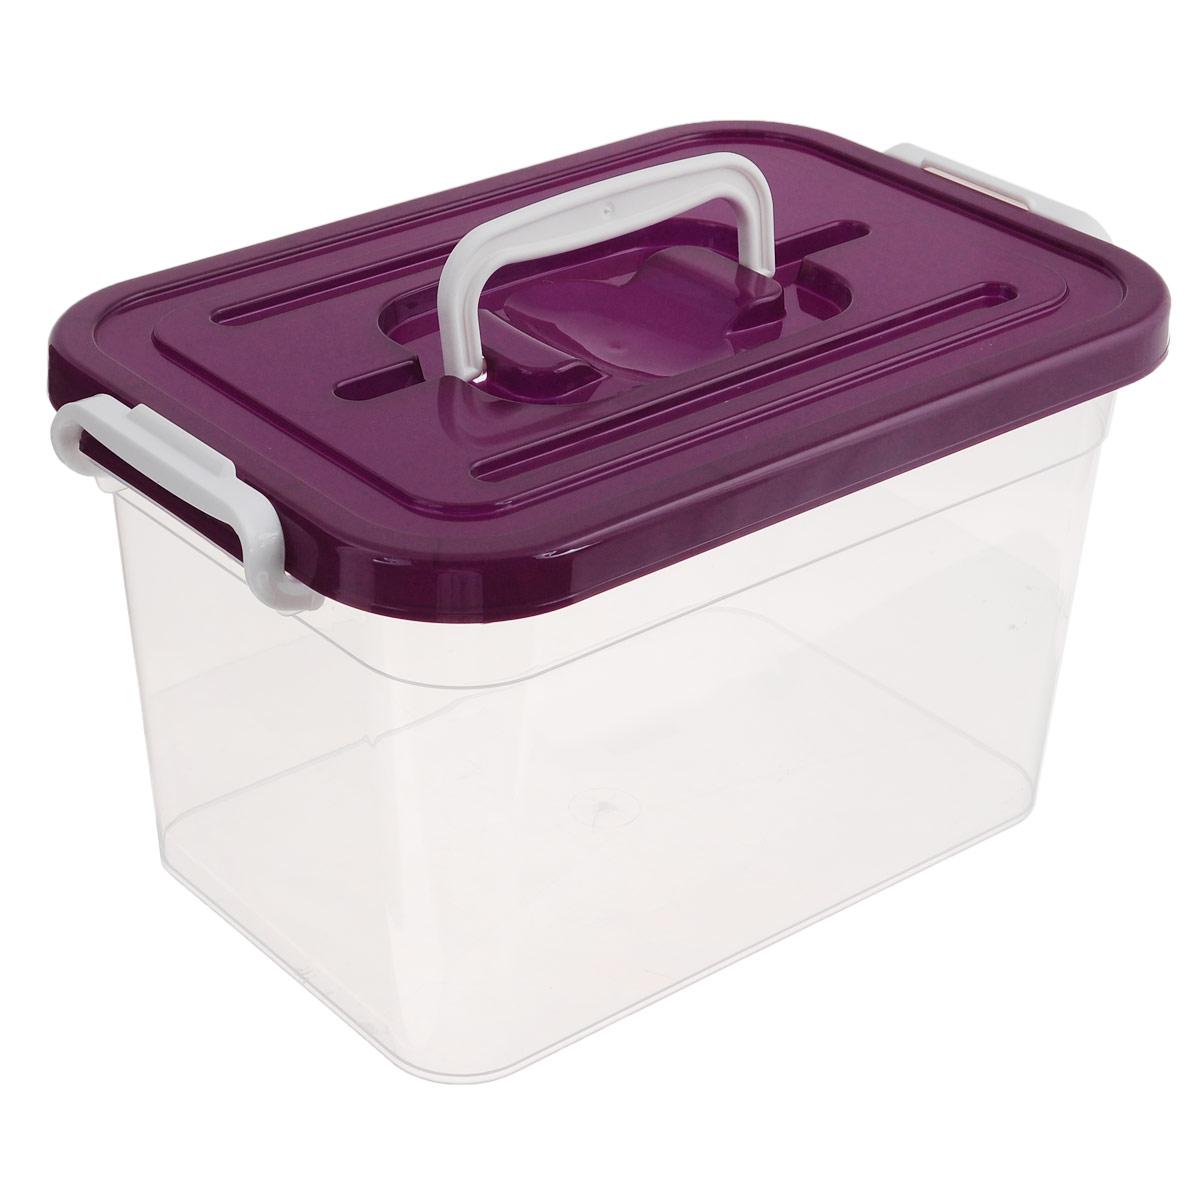 Контейнер для хранения Полимербыт, цвет: бордовый, 10 лС810Контейнер для хранения Полимербыт выполнен из высококачественного пищевого пластика. Контейнер снабжен удобной ручкой и двумя пластиковыми фиксаторами по бокам, придающими дополнительную надежность закрывания крышки. Вместительный контейнер позволит сохранить различные нужные вещи в порядке, а герметичная крышка предотвратит случайное открывание, защитит содержимое от пыли и грязи. Объем: 10 л.